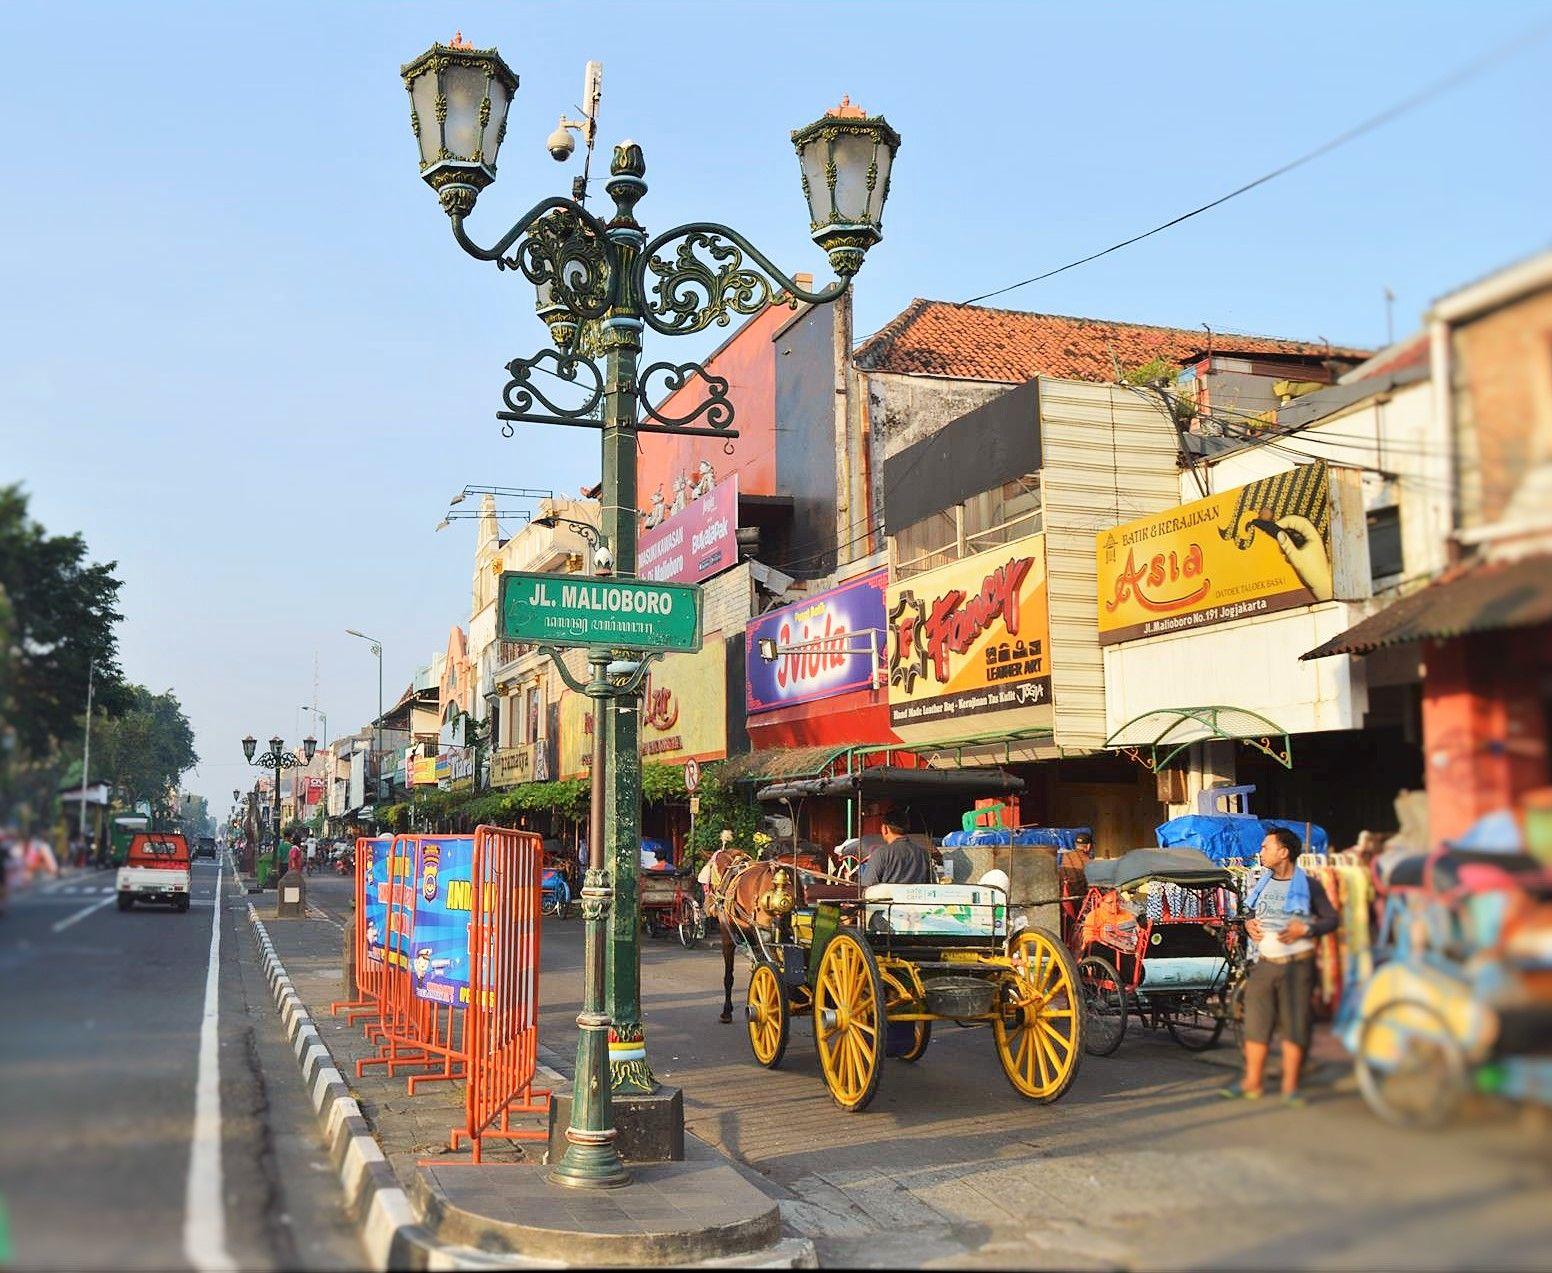 Wisata Indonesia Tempat Wisata Indonesia Terindah Tempat